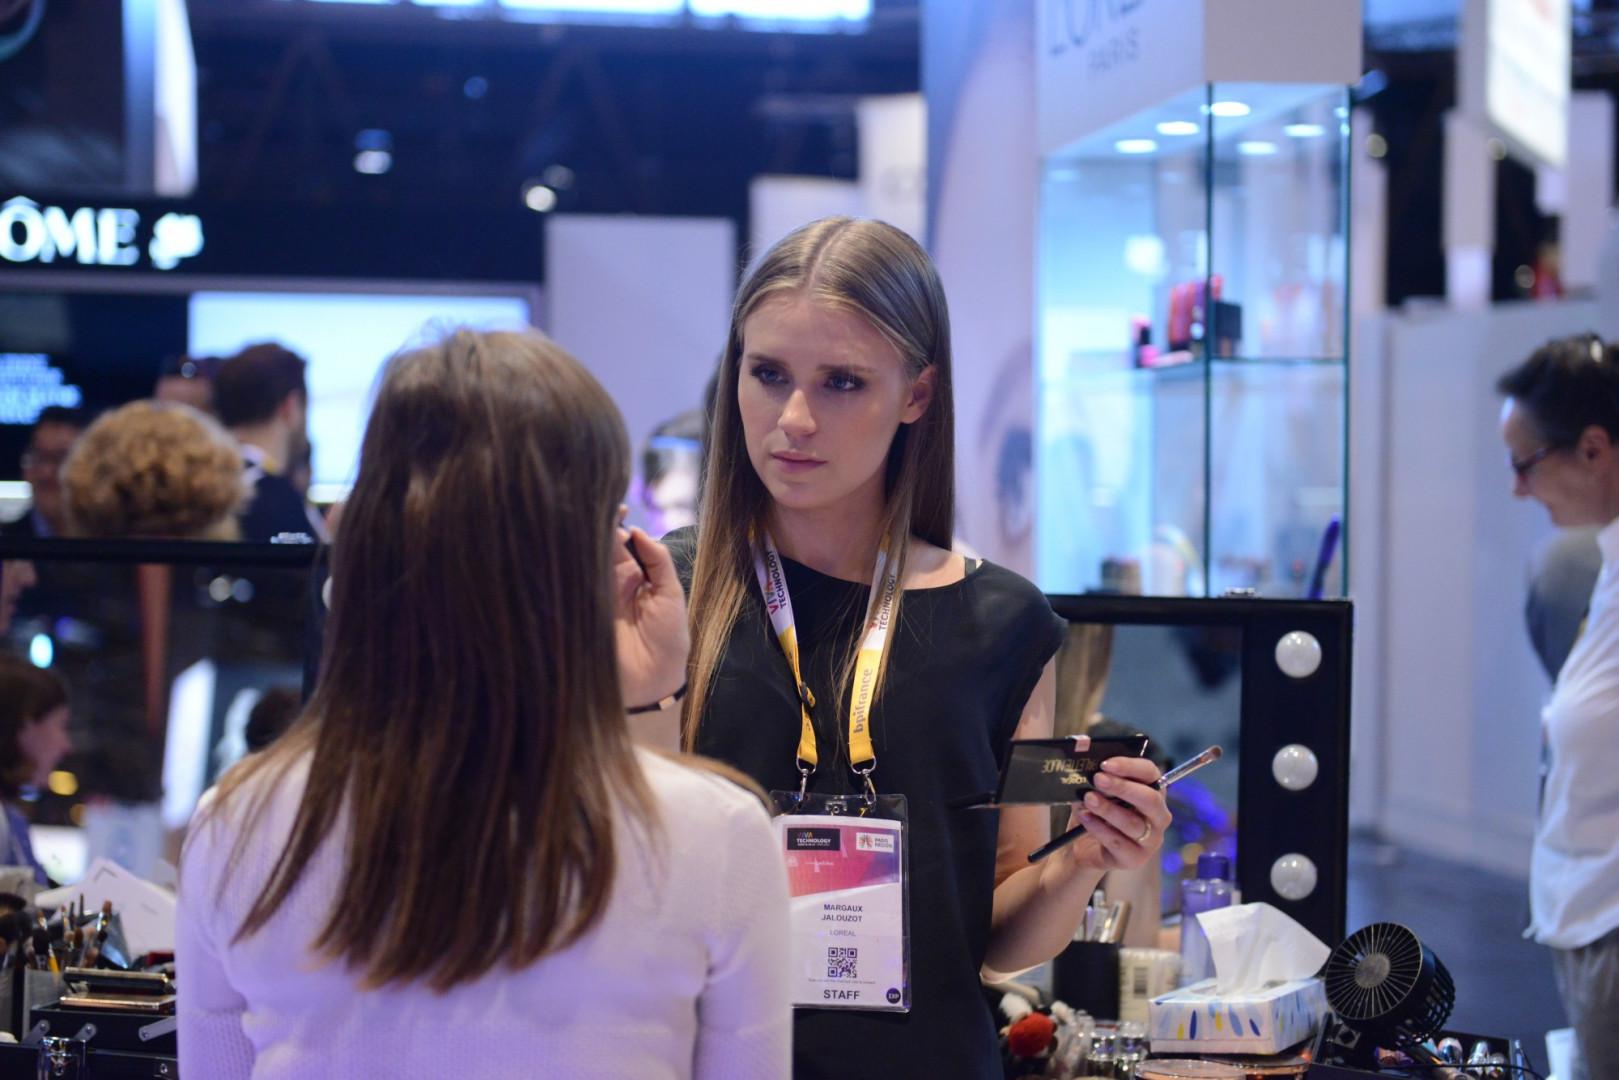 Le stand L'Oréal propose des séances de maquillage